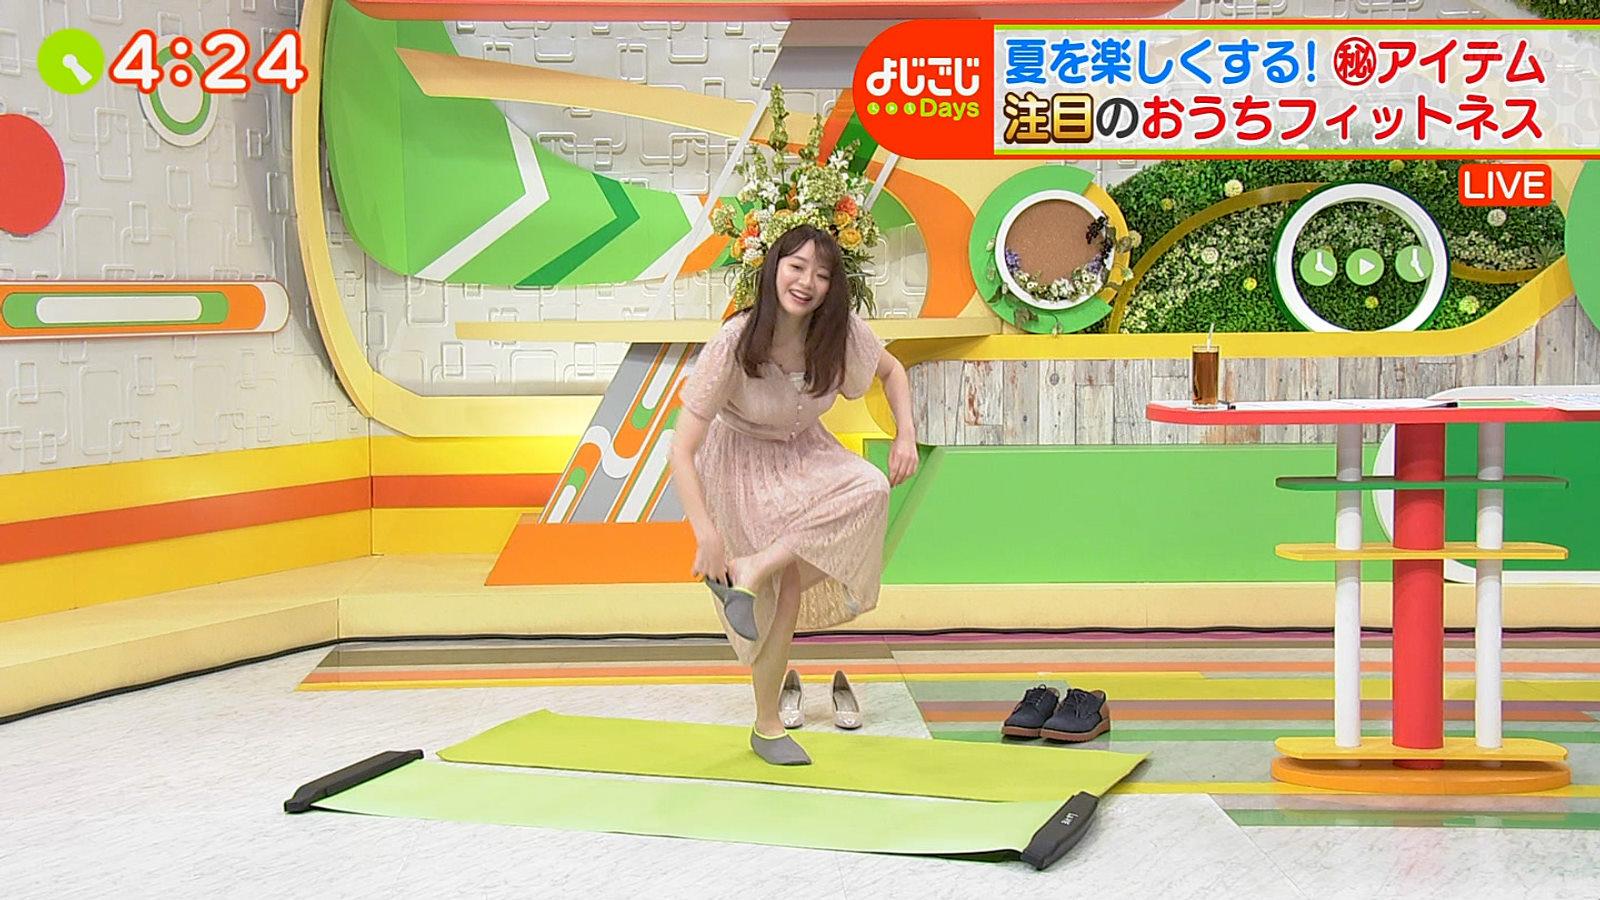 森香澄_女子アナ_おっぱい_乳揺れ_よじごじDAYS_38